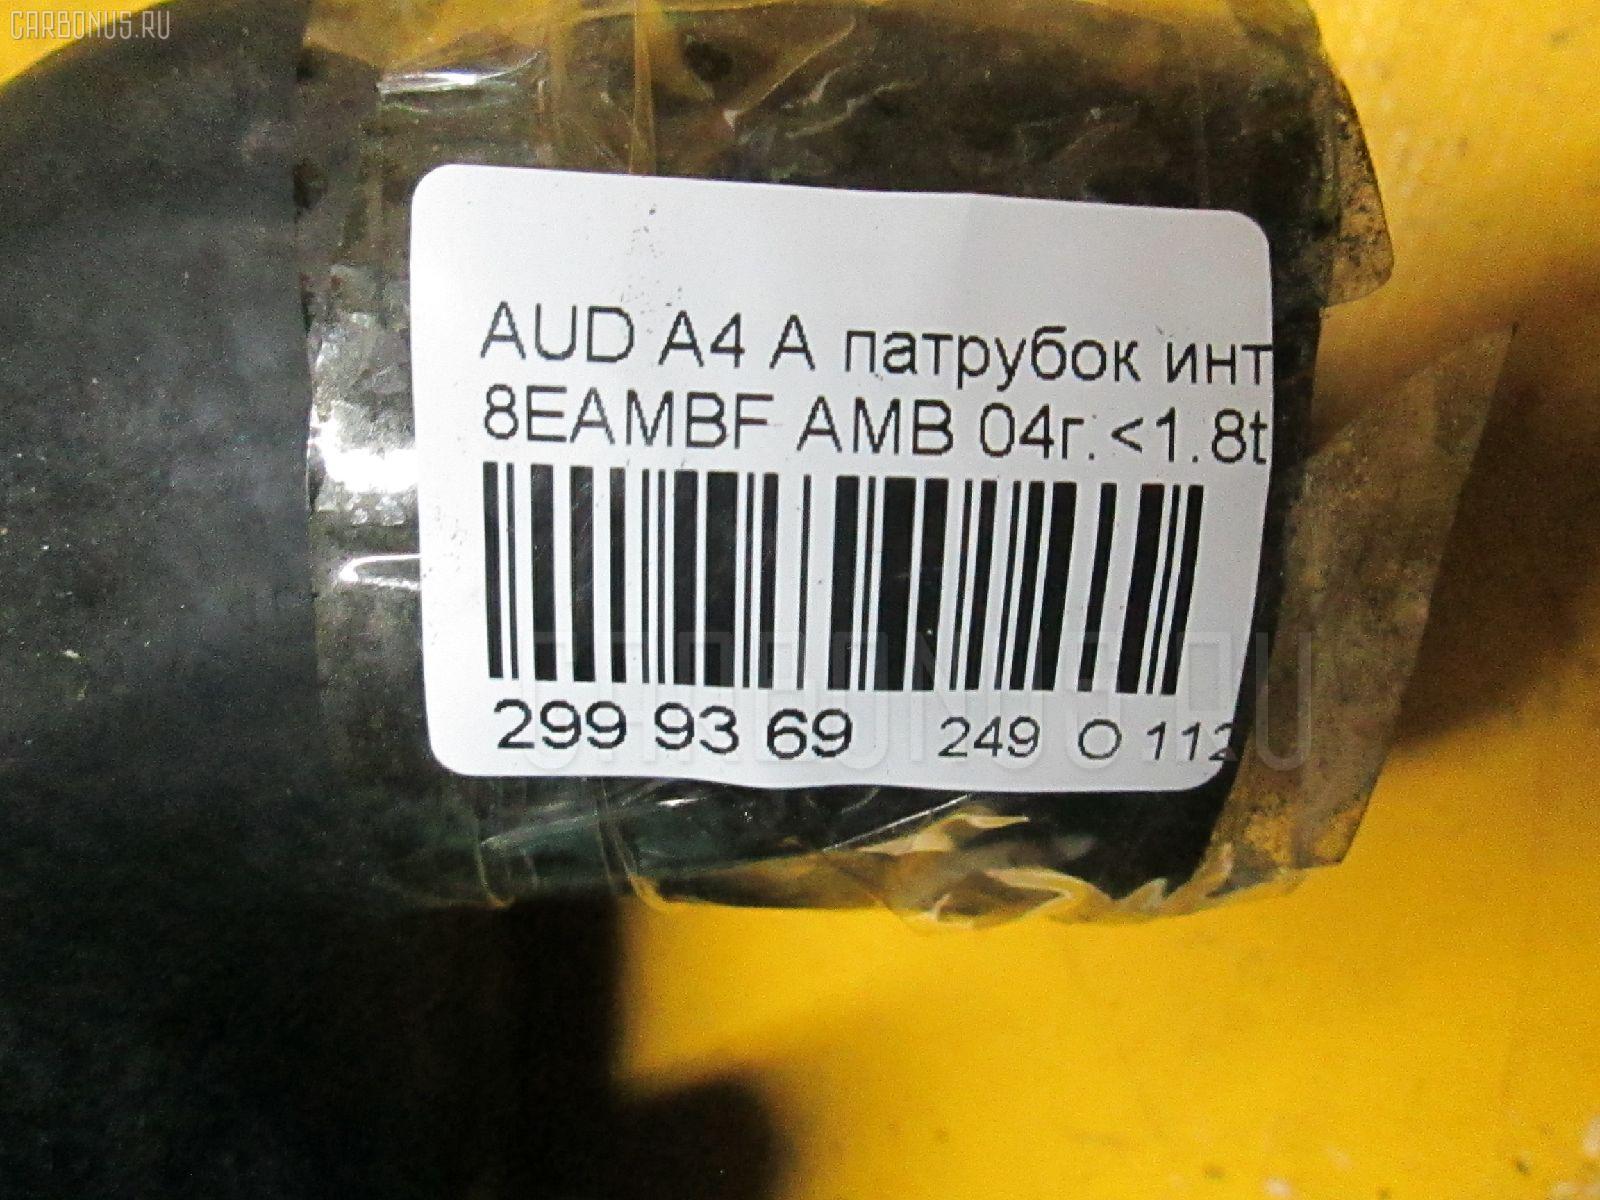 Патрубок интеркуллера AUDI A4 AVANT 8EAMBF AMB Фото 6